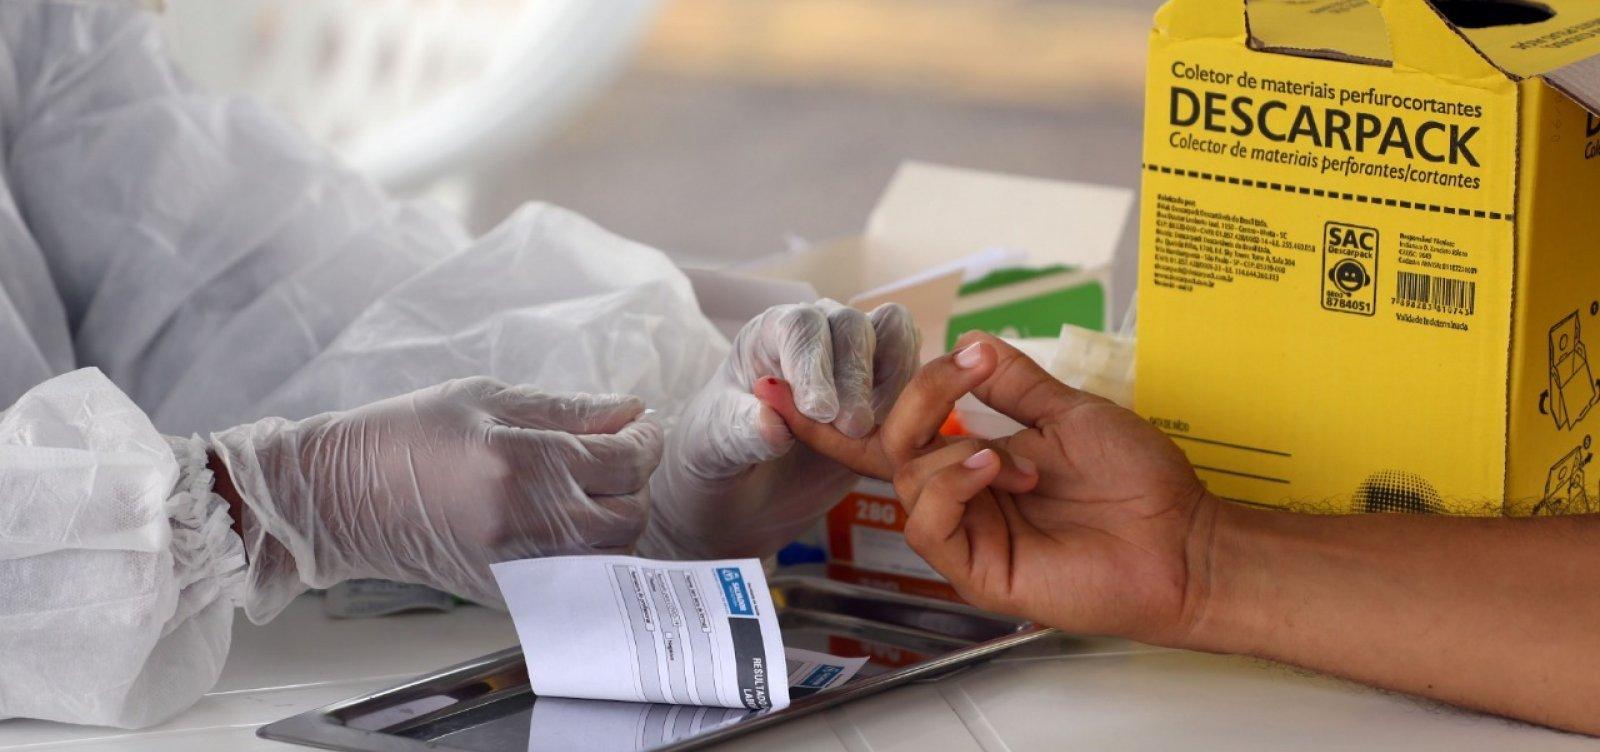 Testes rápidos identificam 202 casos de coronavírus em seis bairros de Salvador